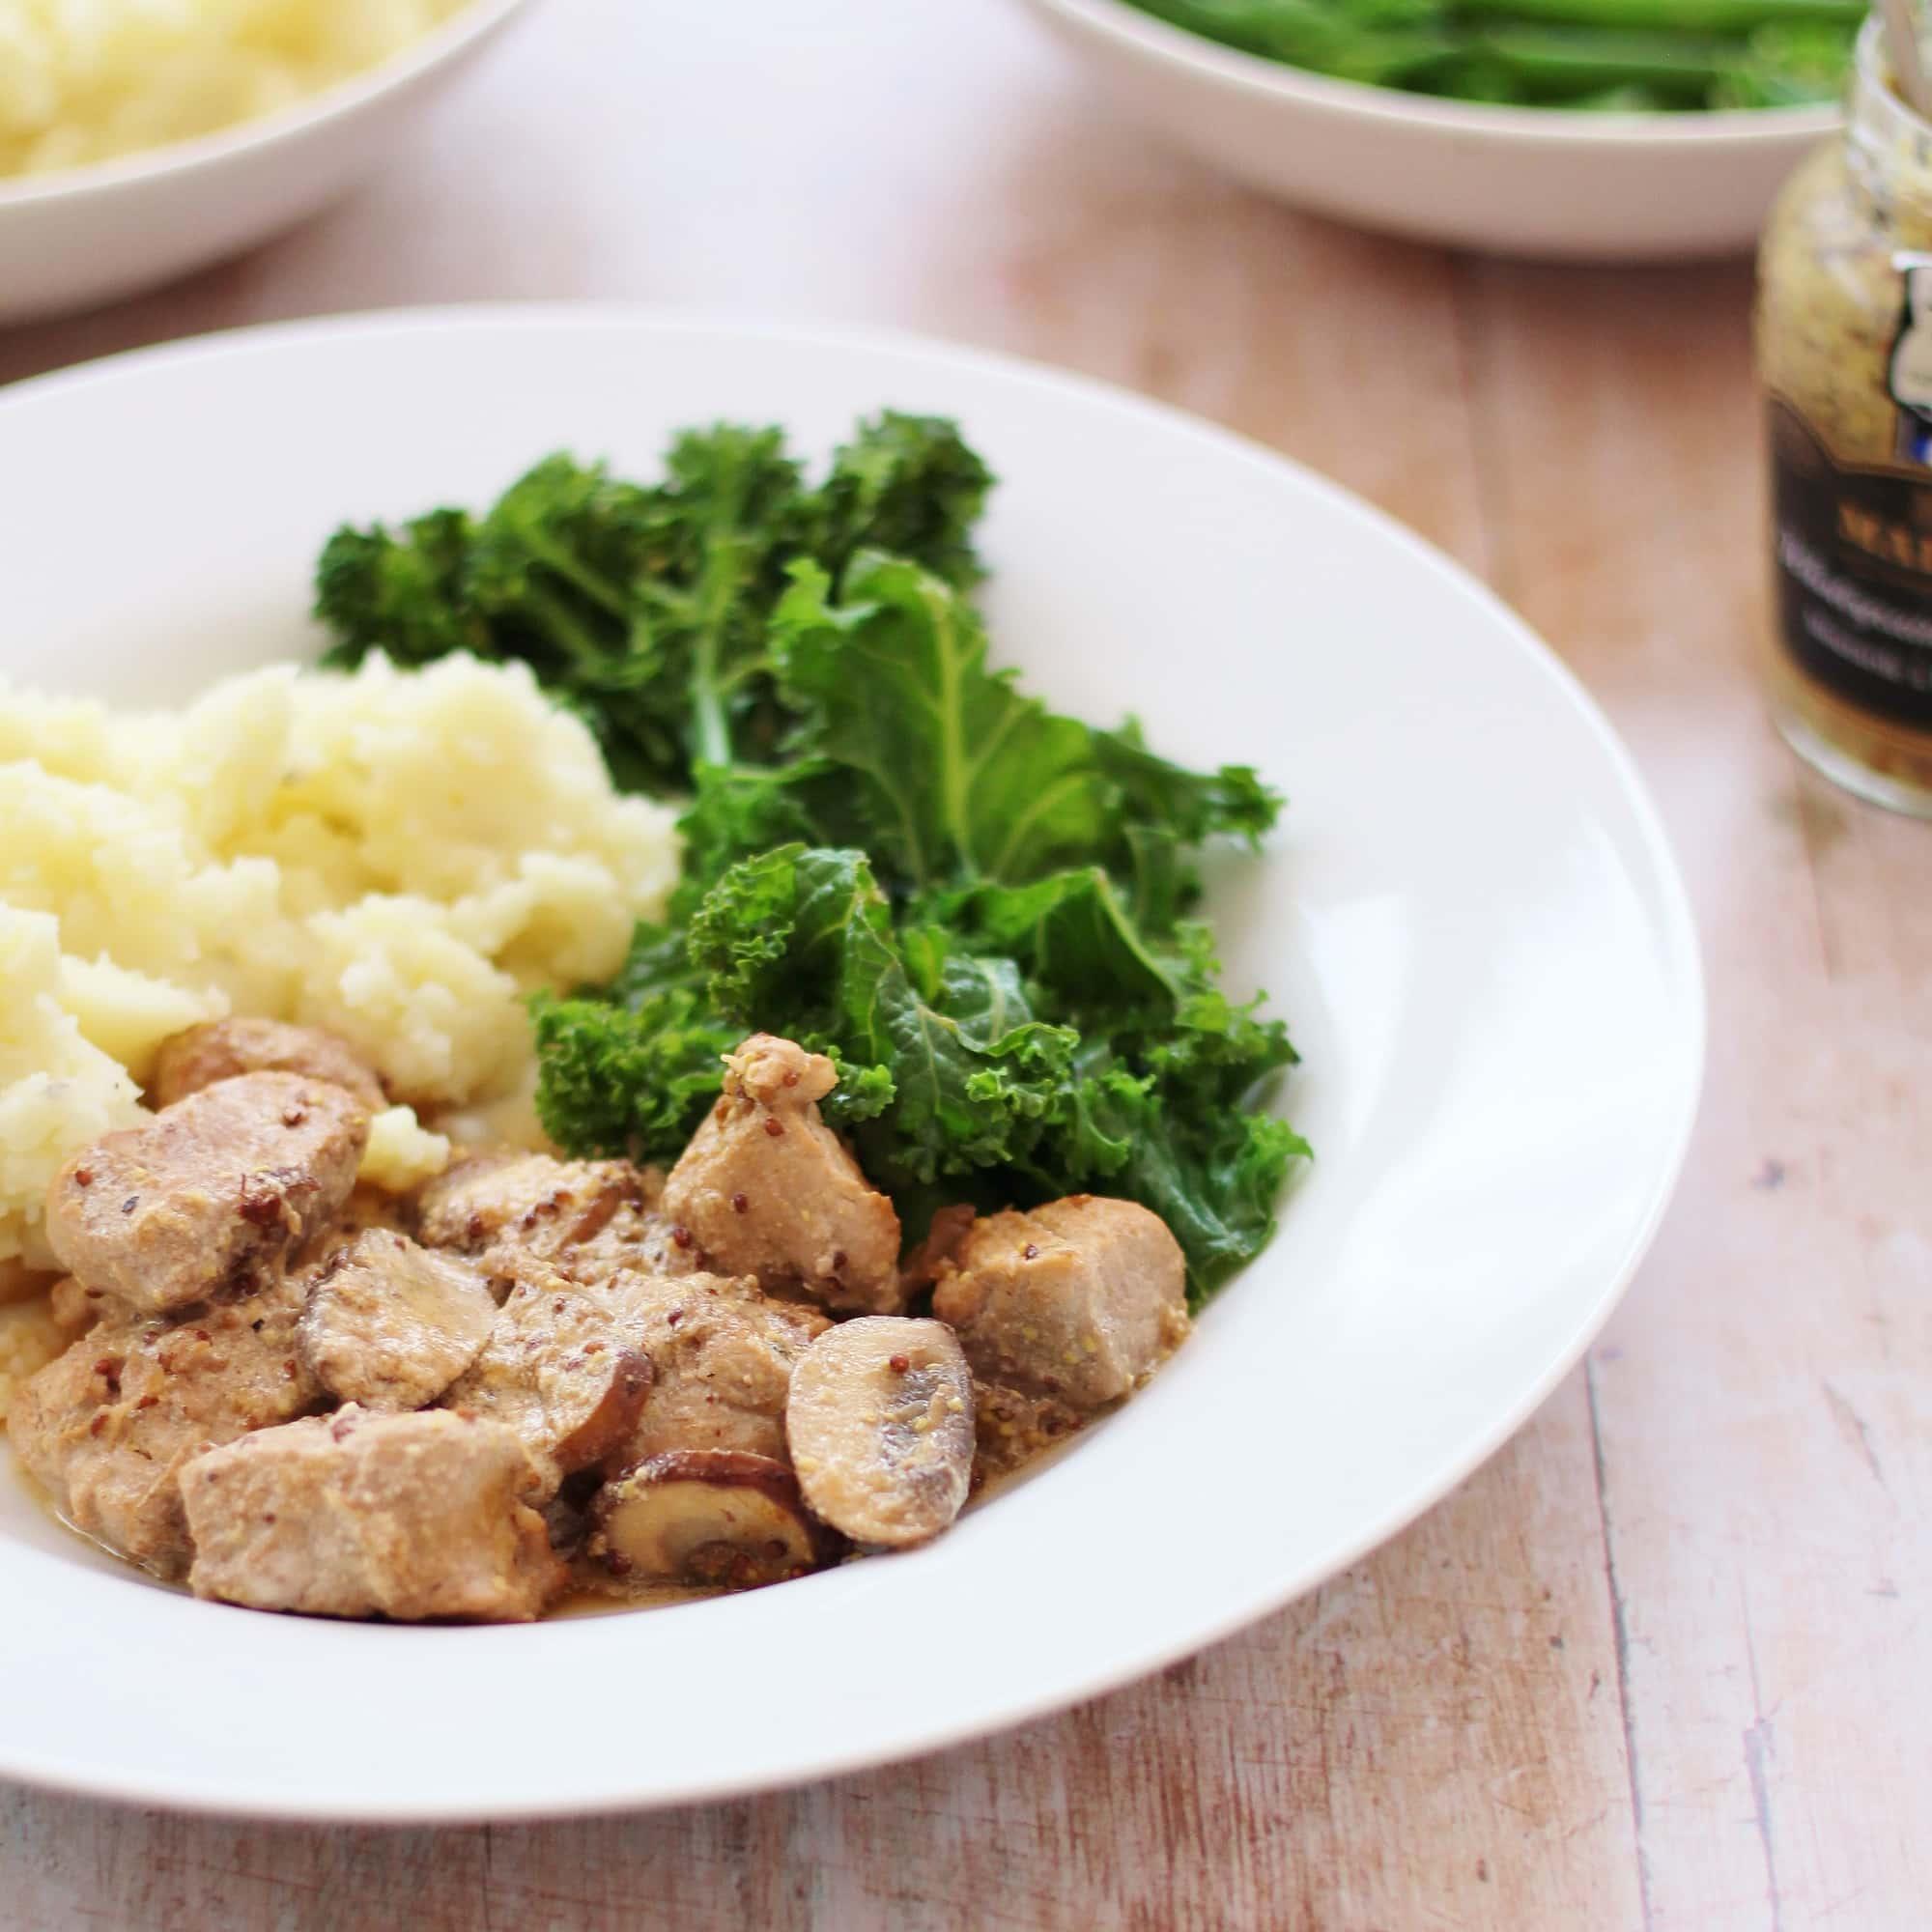 Pork Tenderloin with Mushrooms, Cream and Cider Recipe pictures